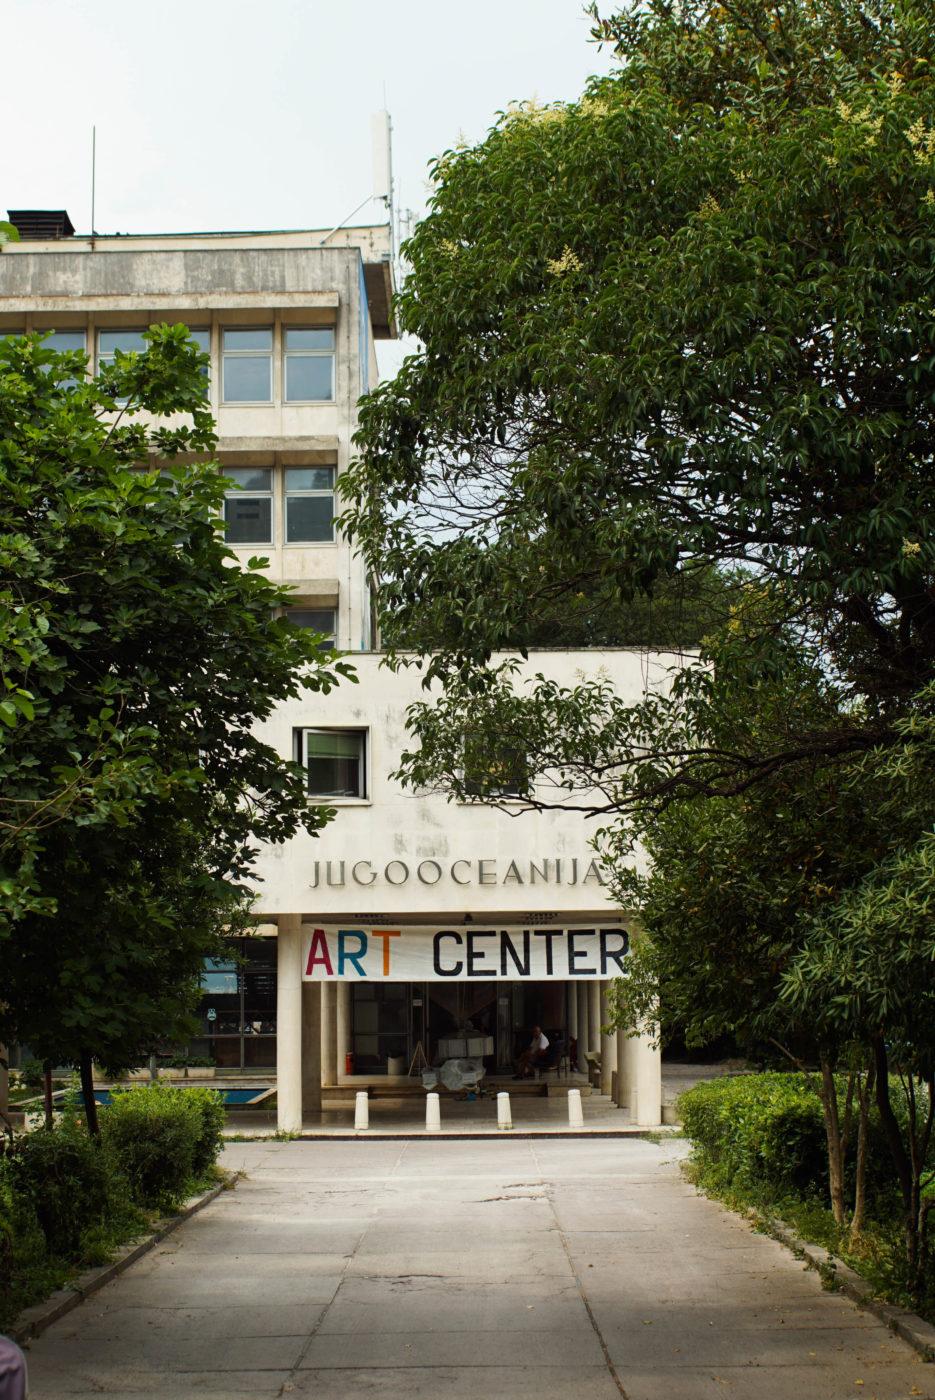 Man blickt durch eine Allee auf das dukley art-center, einem klassischen dreistöckigen Plattenbau. Über dem Eingang hängt ein Transparent bei dem mit verschiedenen Farben und per Hand der Schriftzug Art Center aufgemalt wurde.